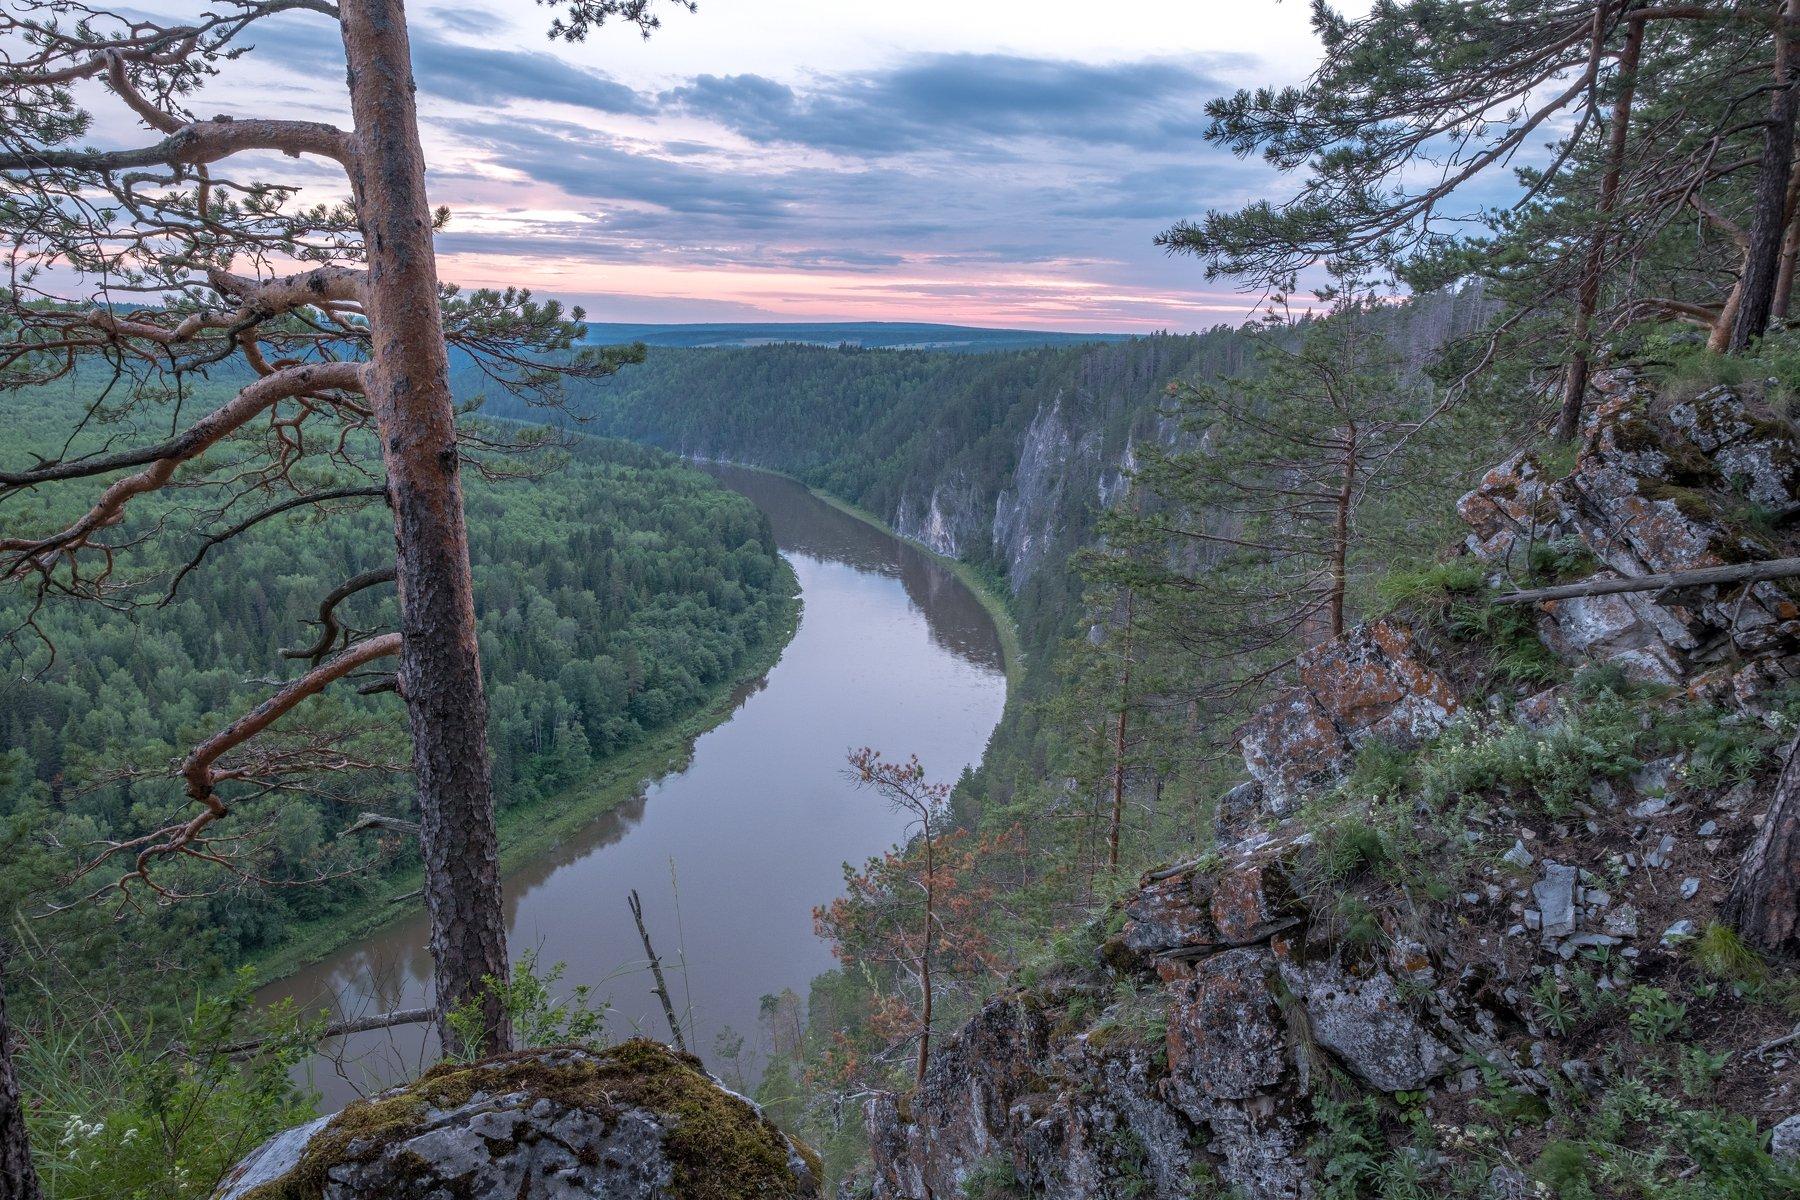 вечер, река, скалы, высота, простор, Чусовая, лес, сосна, закат, Савицкий Ян